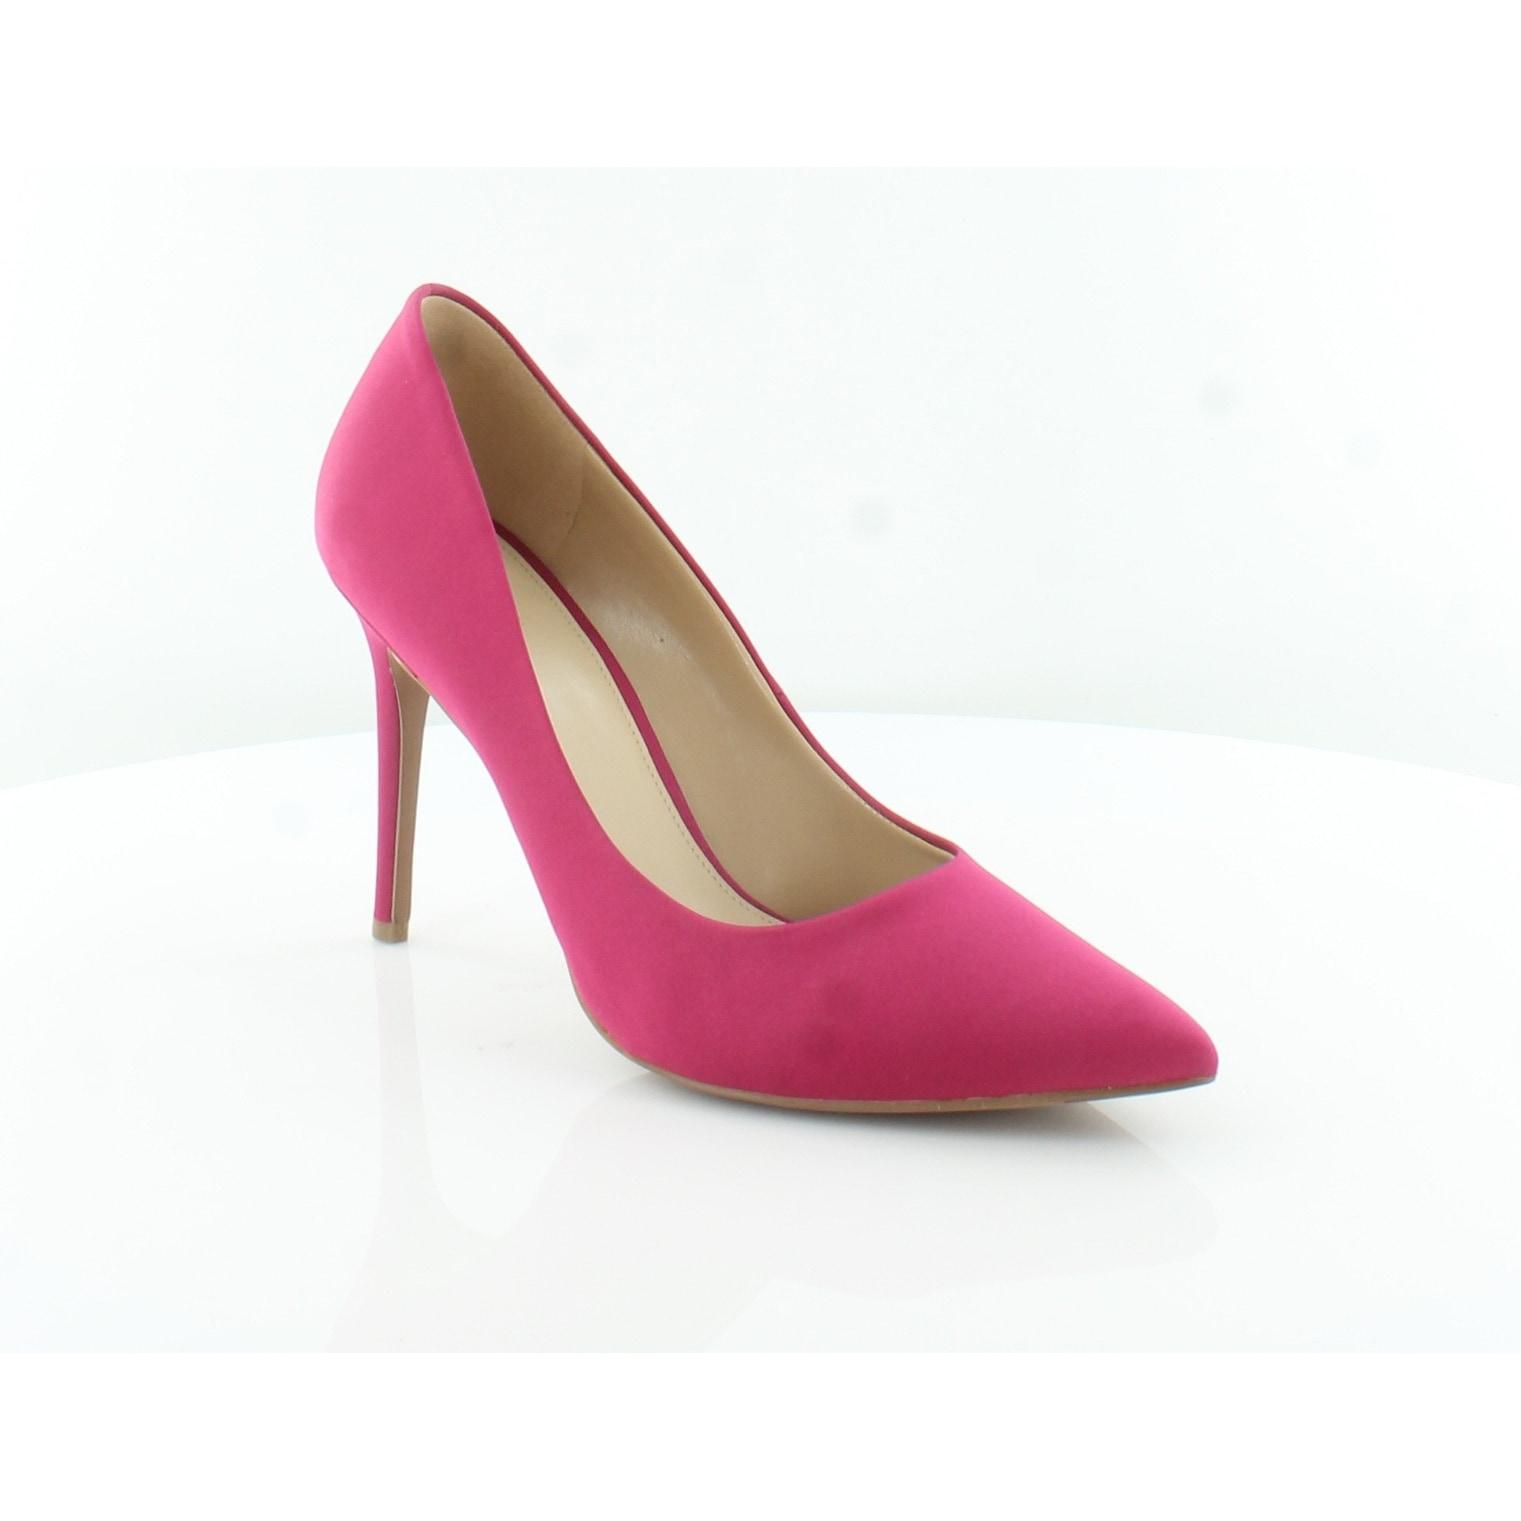 765a32077e2a Buy Michael Kors Women s Heels Online at Overstock